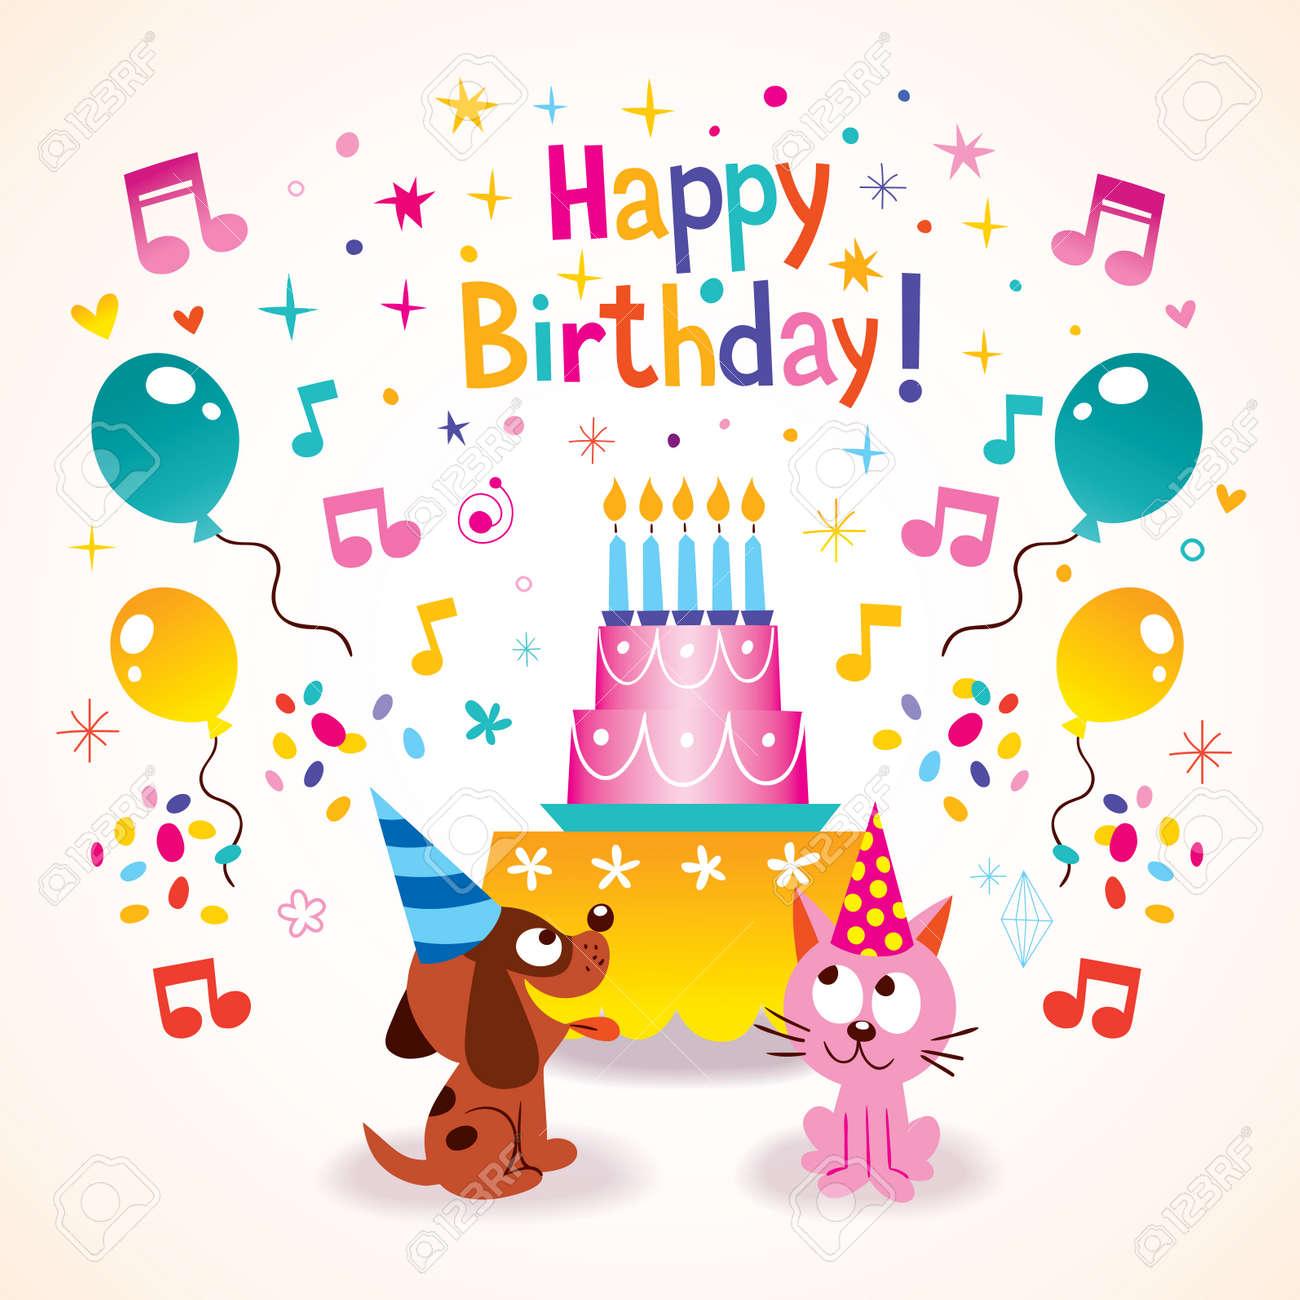 Alles Gute Zum Geburtstag Kinder Grusskarte Lizenzfrei Nutzbare